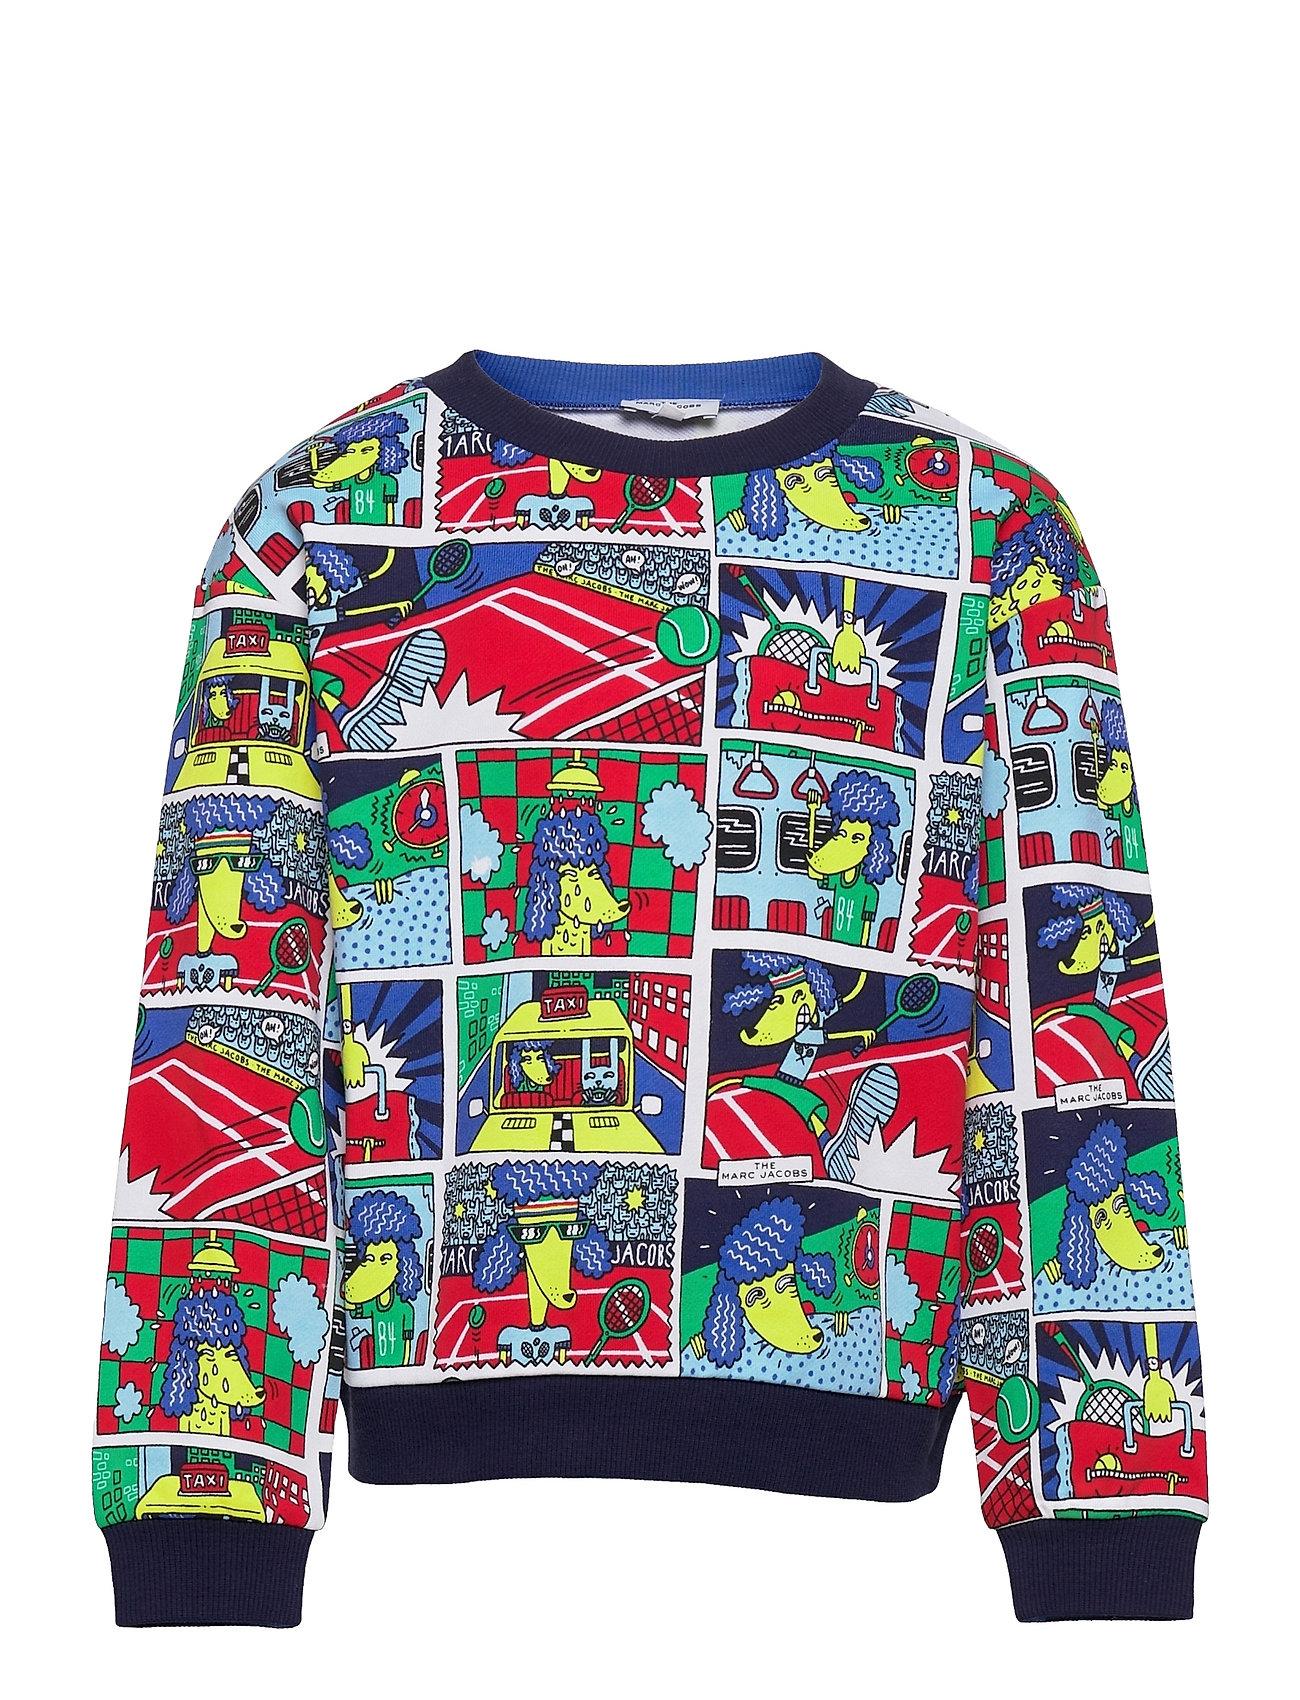 Sweatshirt Sweatshirt Trøje Multi/mønstret Little Marc Jacobs